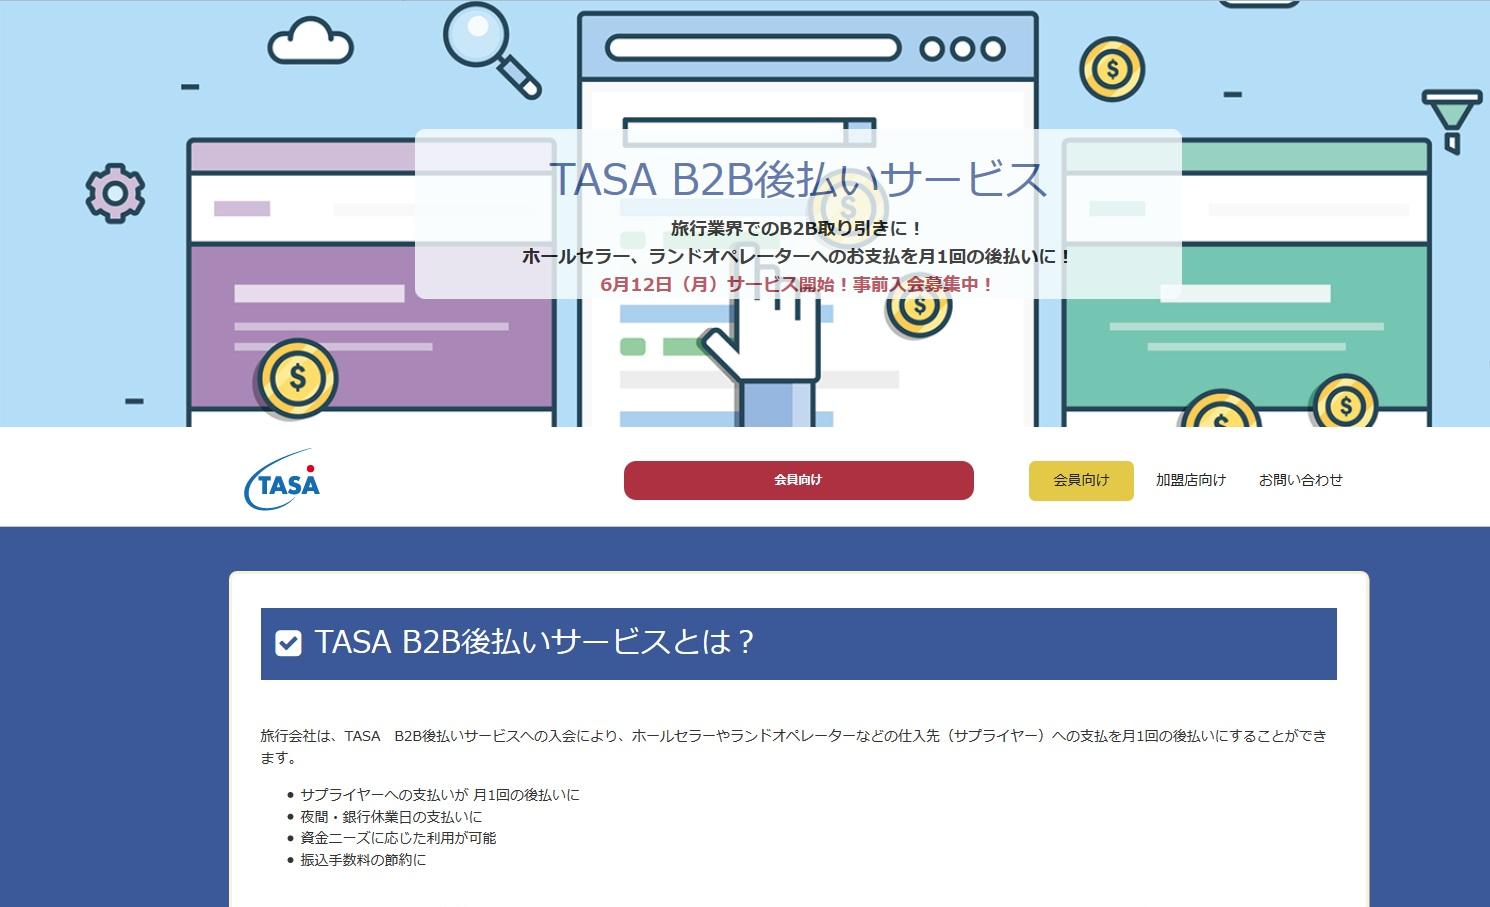 TASAB2Bサービス